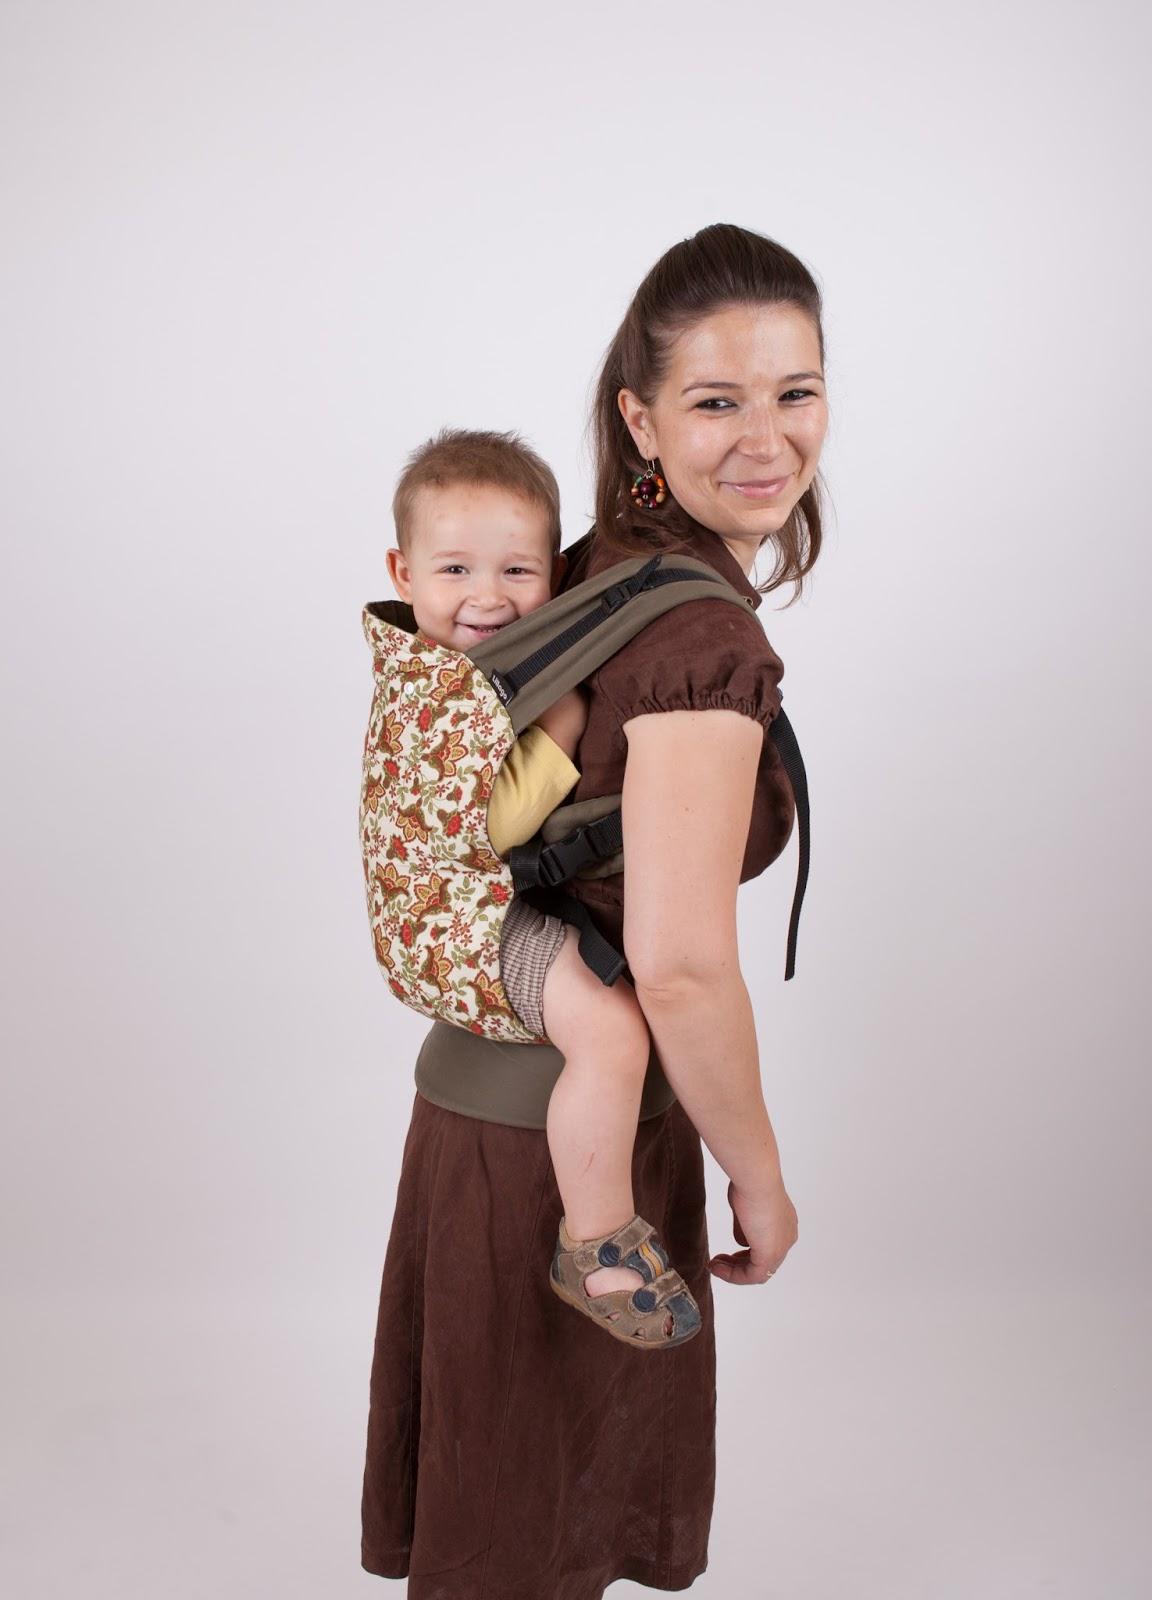 c1614479b3 Elöl fél éves kortól, háton pedig mikor már ülni tud a baba. A vállpántokat  egy kereszt heveder tartja össze, ami a vállpántokra varrt hevedereken  különböző ...